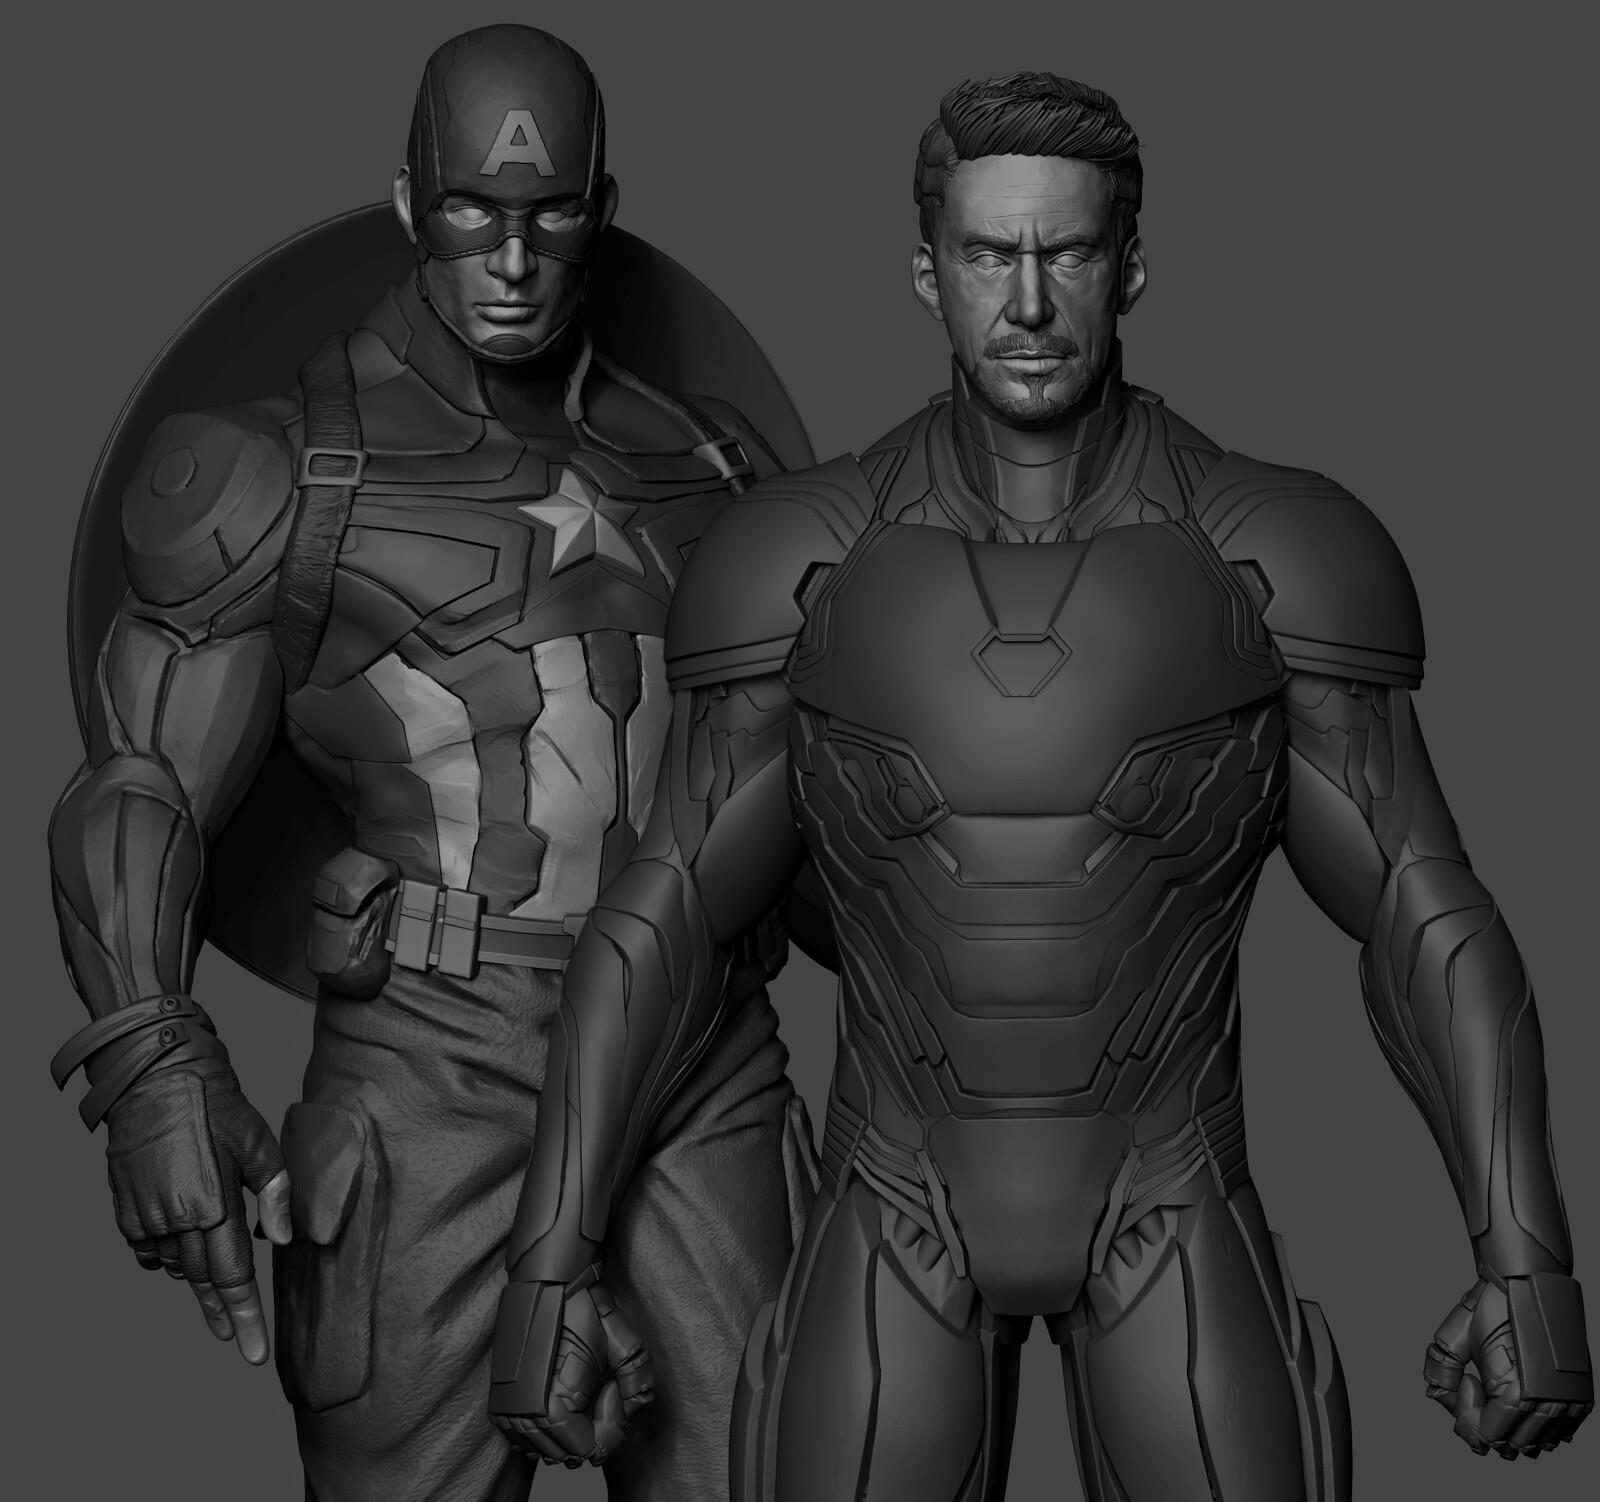 Tony/Steve